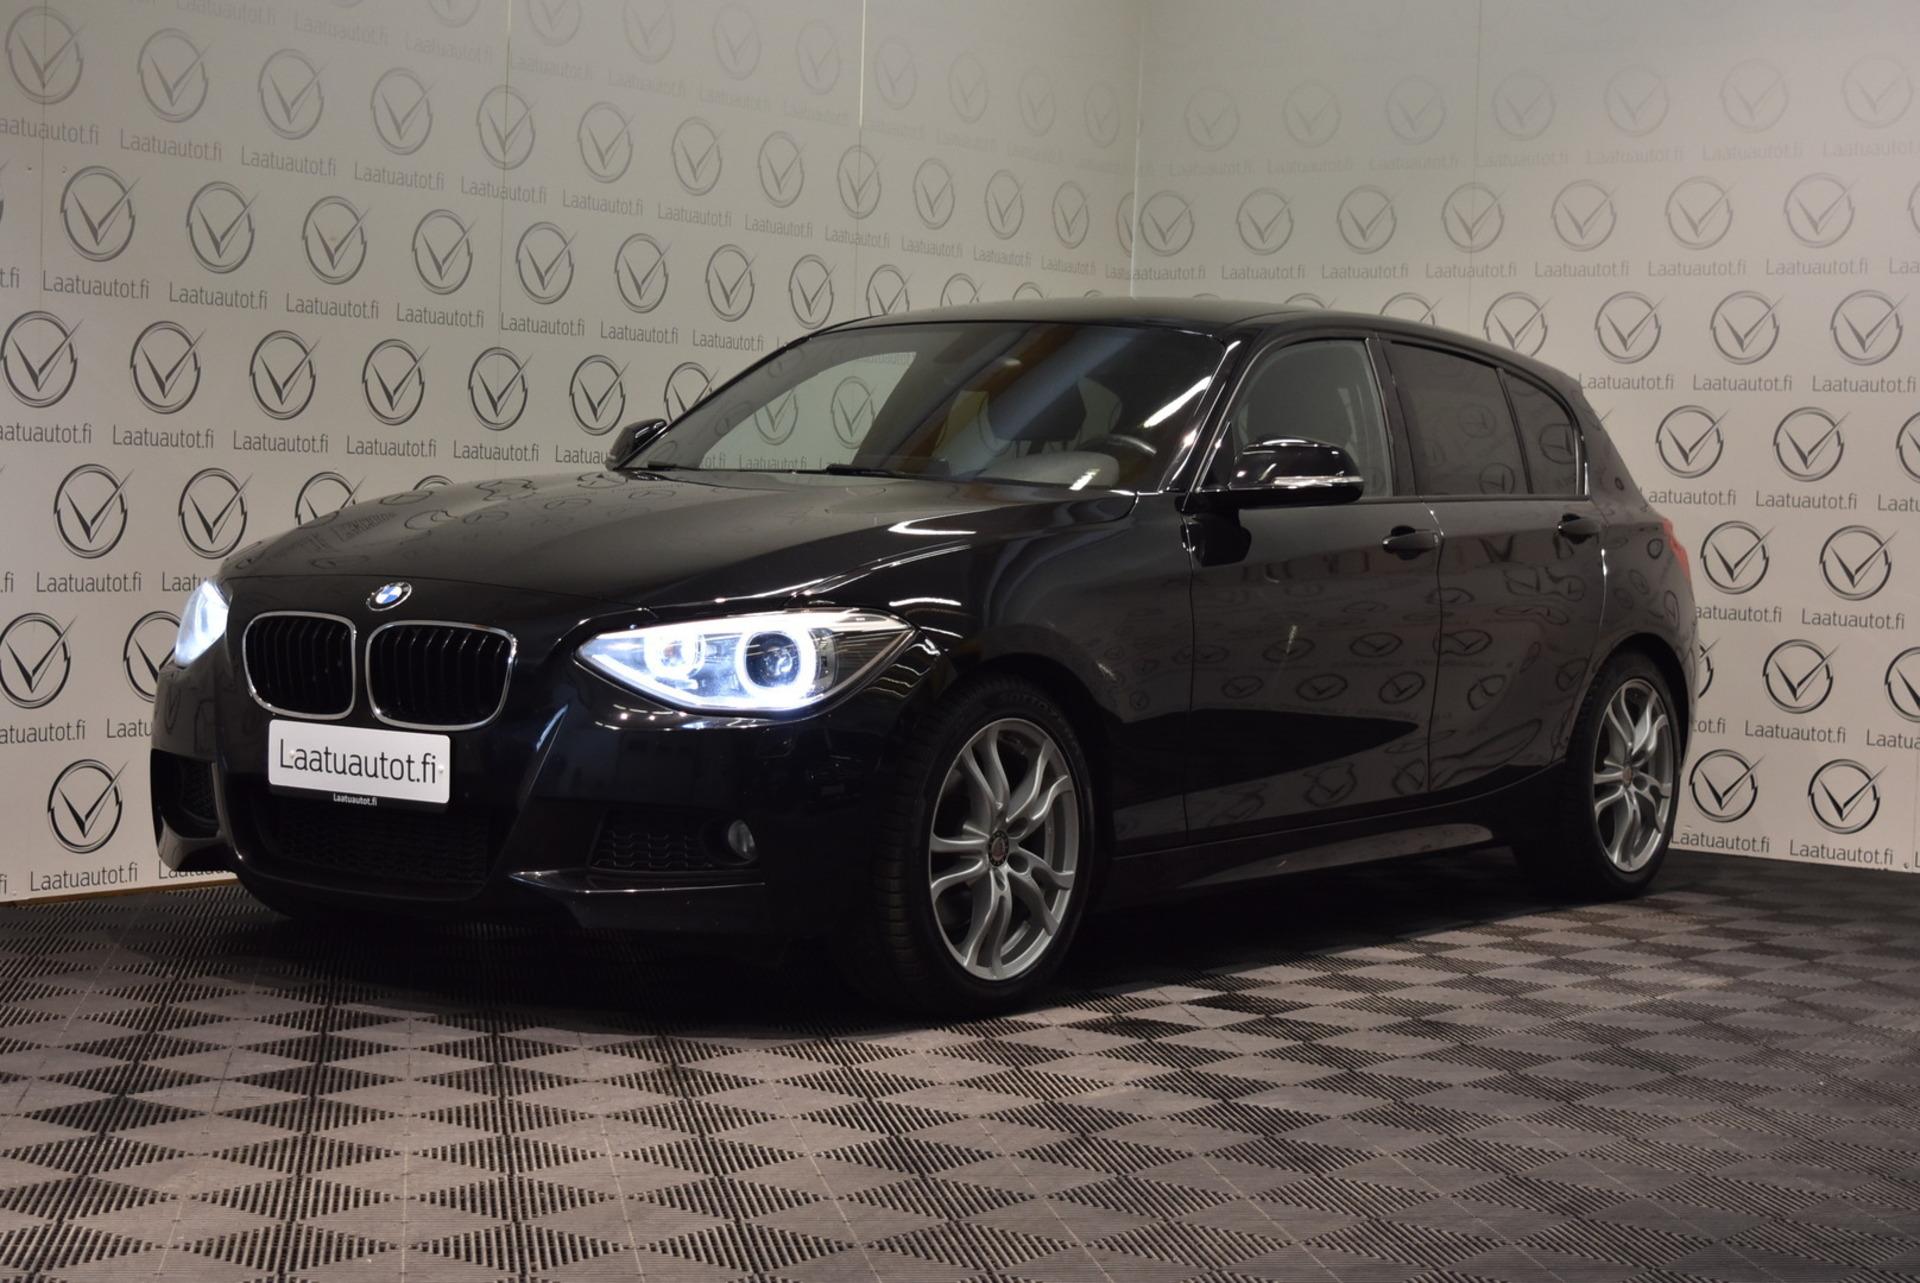 BMW 125 F20 TwinPower Turbo M-Sport - Korko: 1, 89% + kulut! Jopa ilman käsirahaa! Professional Navi,  Sportti Nahat,  Xenonit!